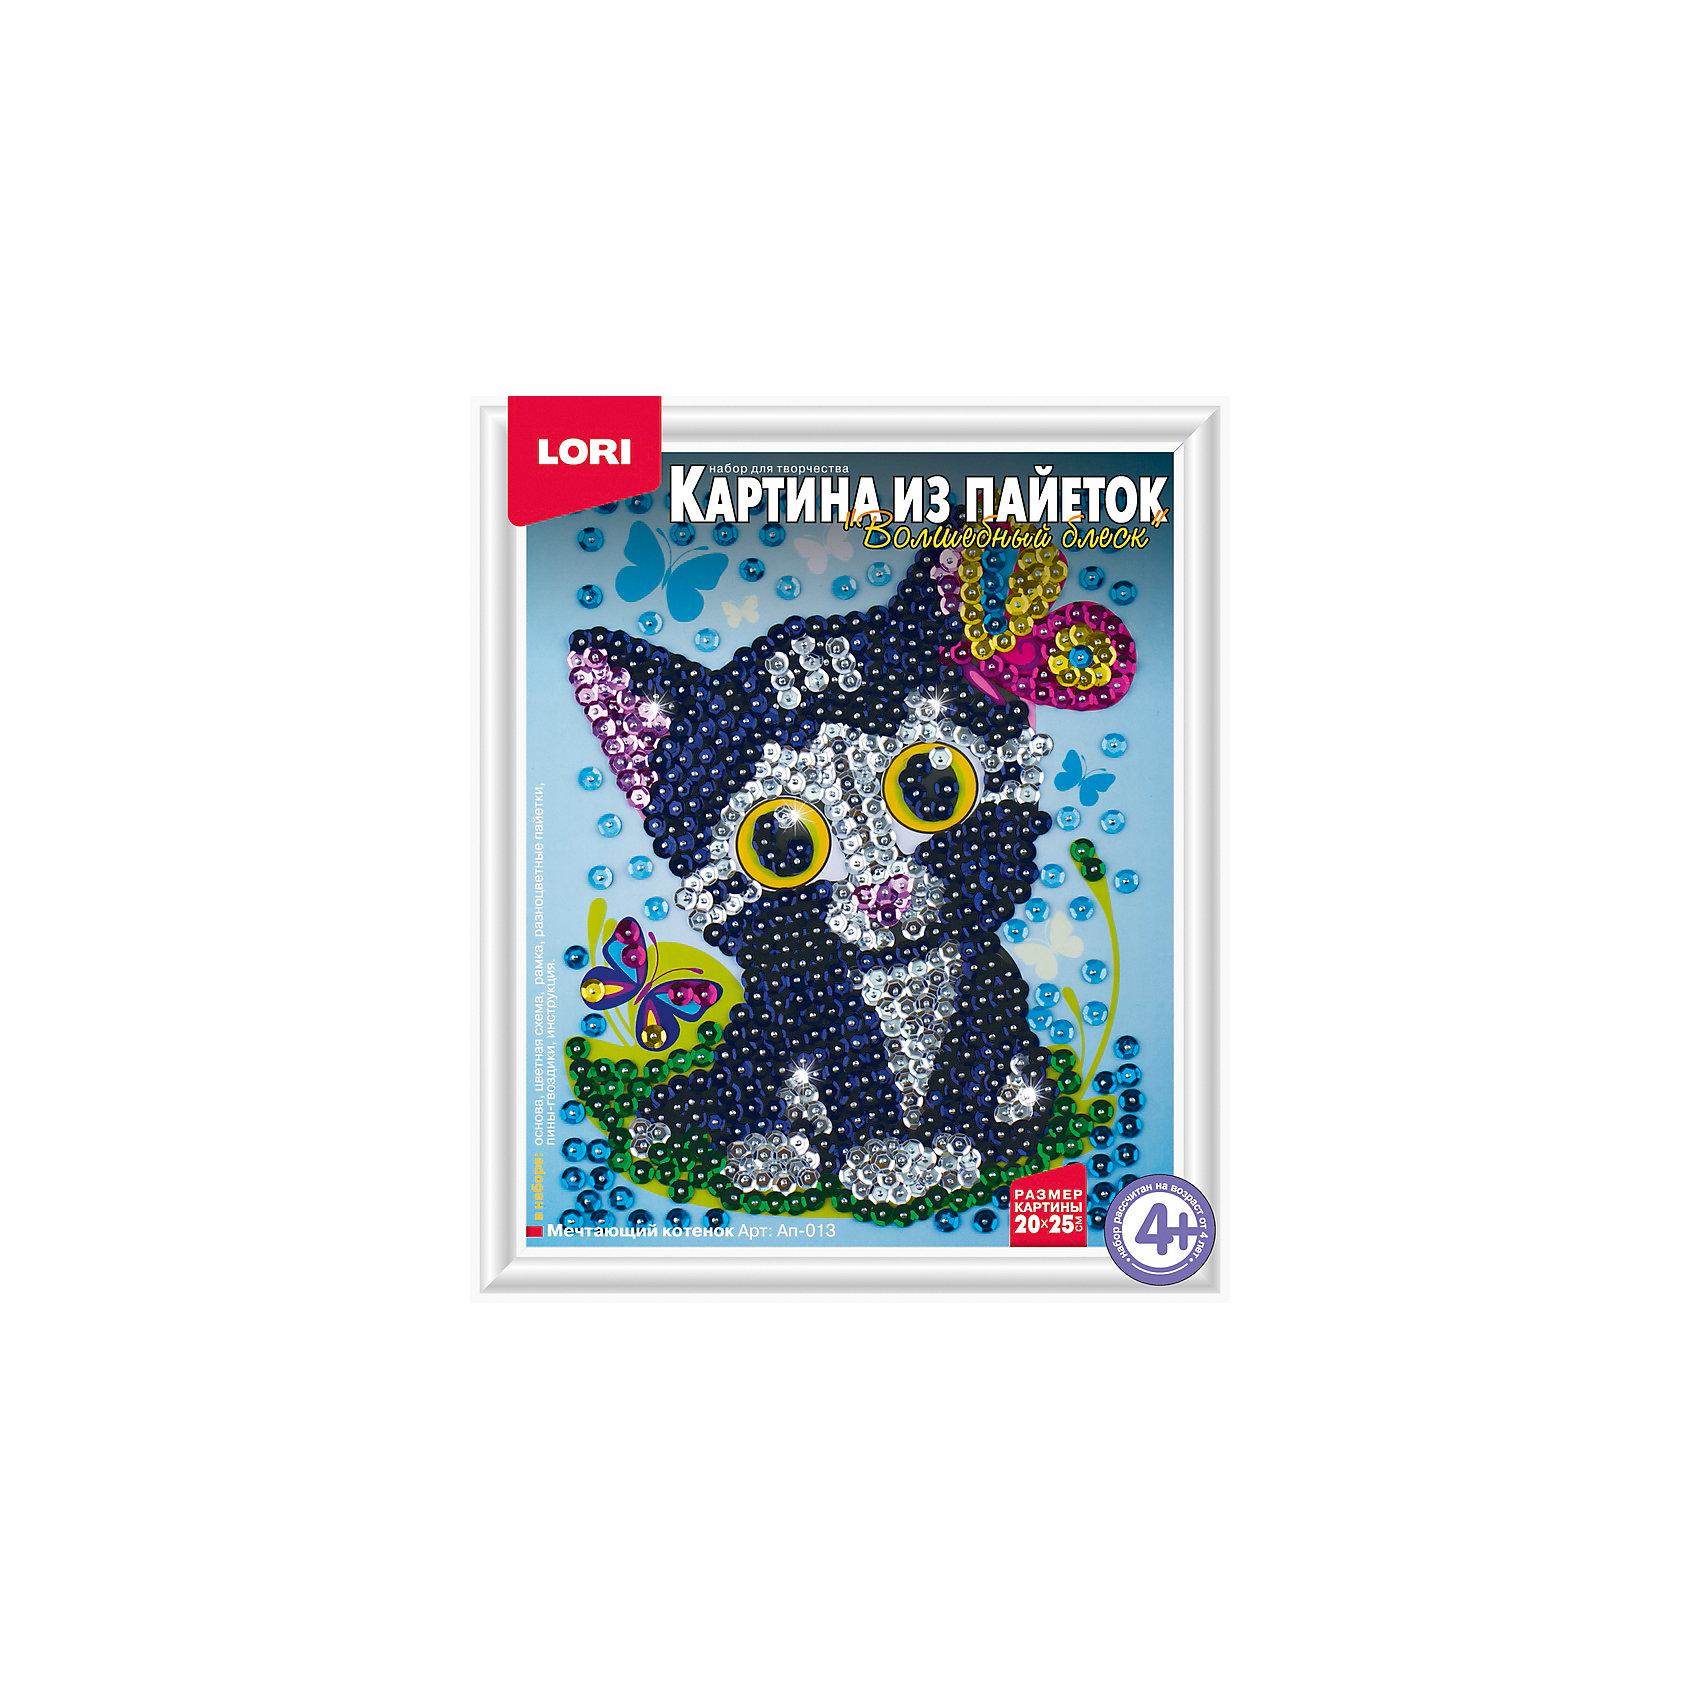 Картина из пайеток Мечтающий котенок, LORIМозаика<br>Приобщайте ребенка к творчеству с замечательным набором для создания картины из пайеток Мечтающий котенок от LORI (ЛОРИ)! Пайетки блестящие и очень привлекательные. С помощью специальных гвоздиков ребенок соберет настоящую мозаику из пайеток. Мечтающий котенок - очень оригинальный набор, с помощью которого ребенок сможет создать невероятной красоты сувенир своими руками. Рамку для замечательной картины тоже можно создать из деталей набора. Кропотливая работа будет вознаграждена, ведь результат превзойдет все ожидания! Сверкающий и переливающийся котенок никого не оставит равнодушным! Картина не деформируется и не теряет форму со временем, поэтому будет долго радовать Вас своим блеском. Занятие с замечательным набором Мечтающий котенок от LORI (ЛОРИ) способствует развитию мышления, воображения ребенка и формирует эстетическое восприятие. <br><br>Дополнительная информация:<br><br>- Способствует развитию мышления, воображения и эстетического восприятия;<br>- В комплекте: основа, цветная схема, рамка, разноцветные пайетки, пины - гвоздики, инструкция;<br>- Оригинальный набор;<br>- Прекрасный подарок;<br>- Размер готовой картины: 20 х 25 см;<br>- Размер упаковки: 21,5 х 25,6 х 4 см;<br>- Вес: 170 г<br><br>Картину из пайеток Мечтающий котенок, LORI (ЛОРИ) можно купить в нашем интернет-магазине.<br><br>Ширина мм: 215<br>Глубина мм: 256<br>Высота мм: 40<br>Вес г: 170<br>Возраст от месяцев: 48<br>Возраст до месяцев: 144<br>Пол: Унисекс<br>Возраст: Детский<br>SKU: 4073066